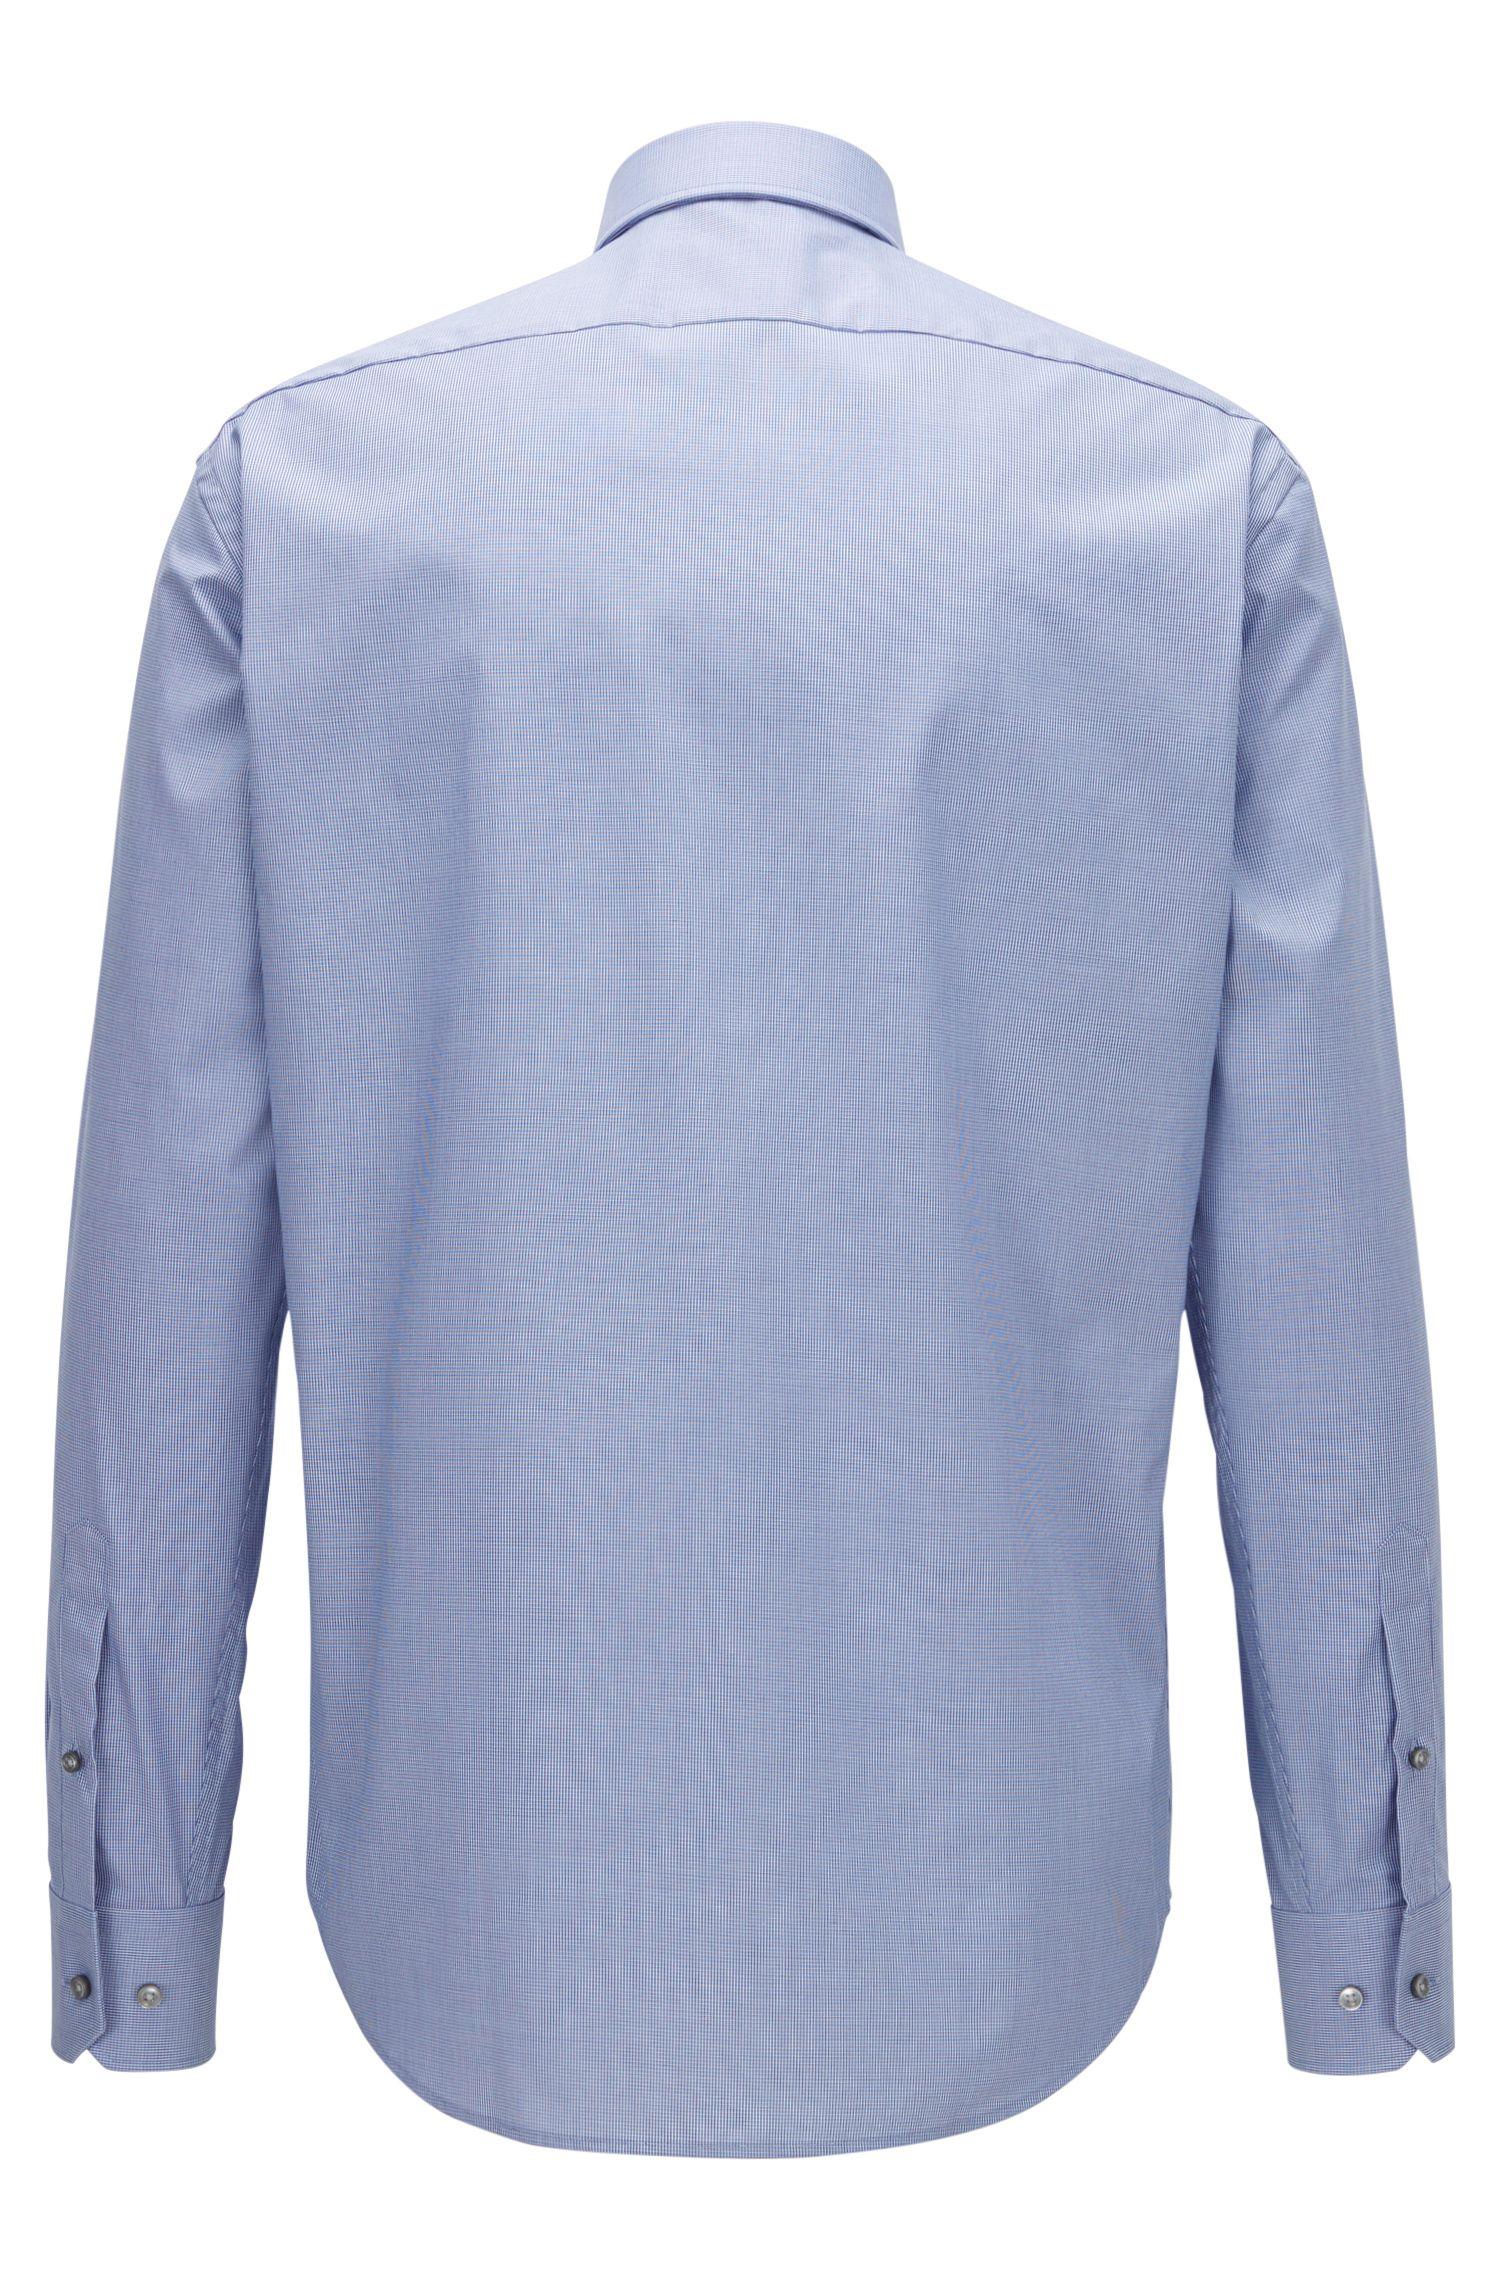 Chemise Regular Fit en coton facile à repasser à micromotif bicolore